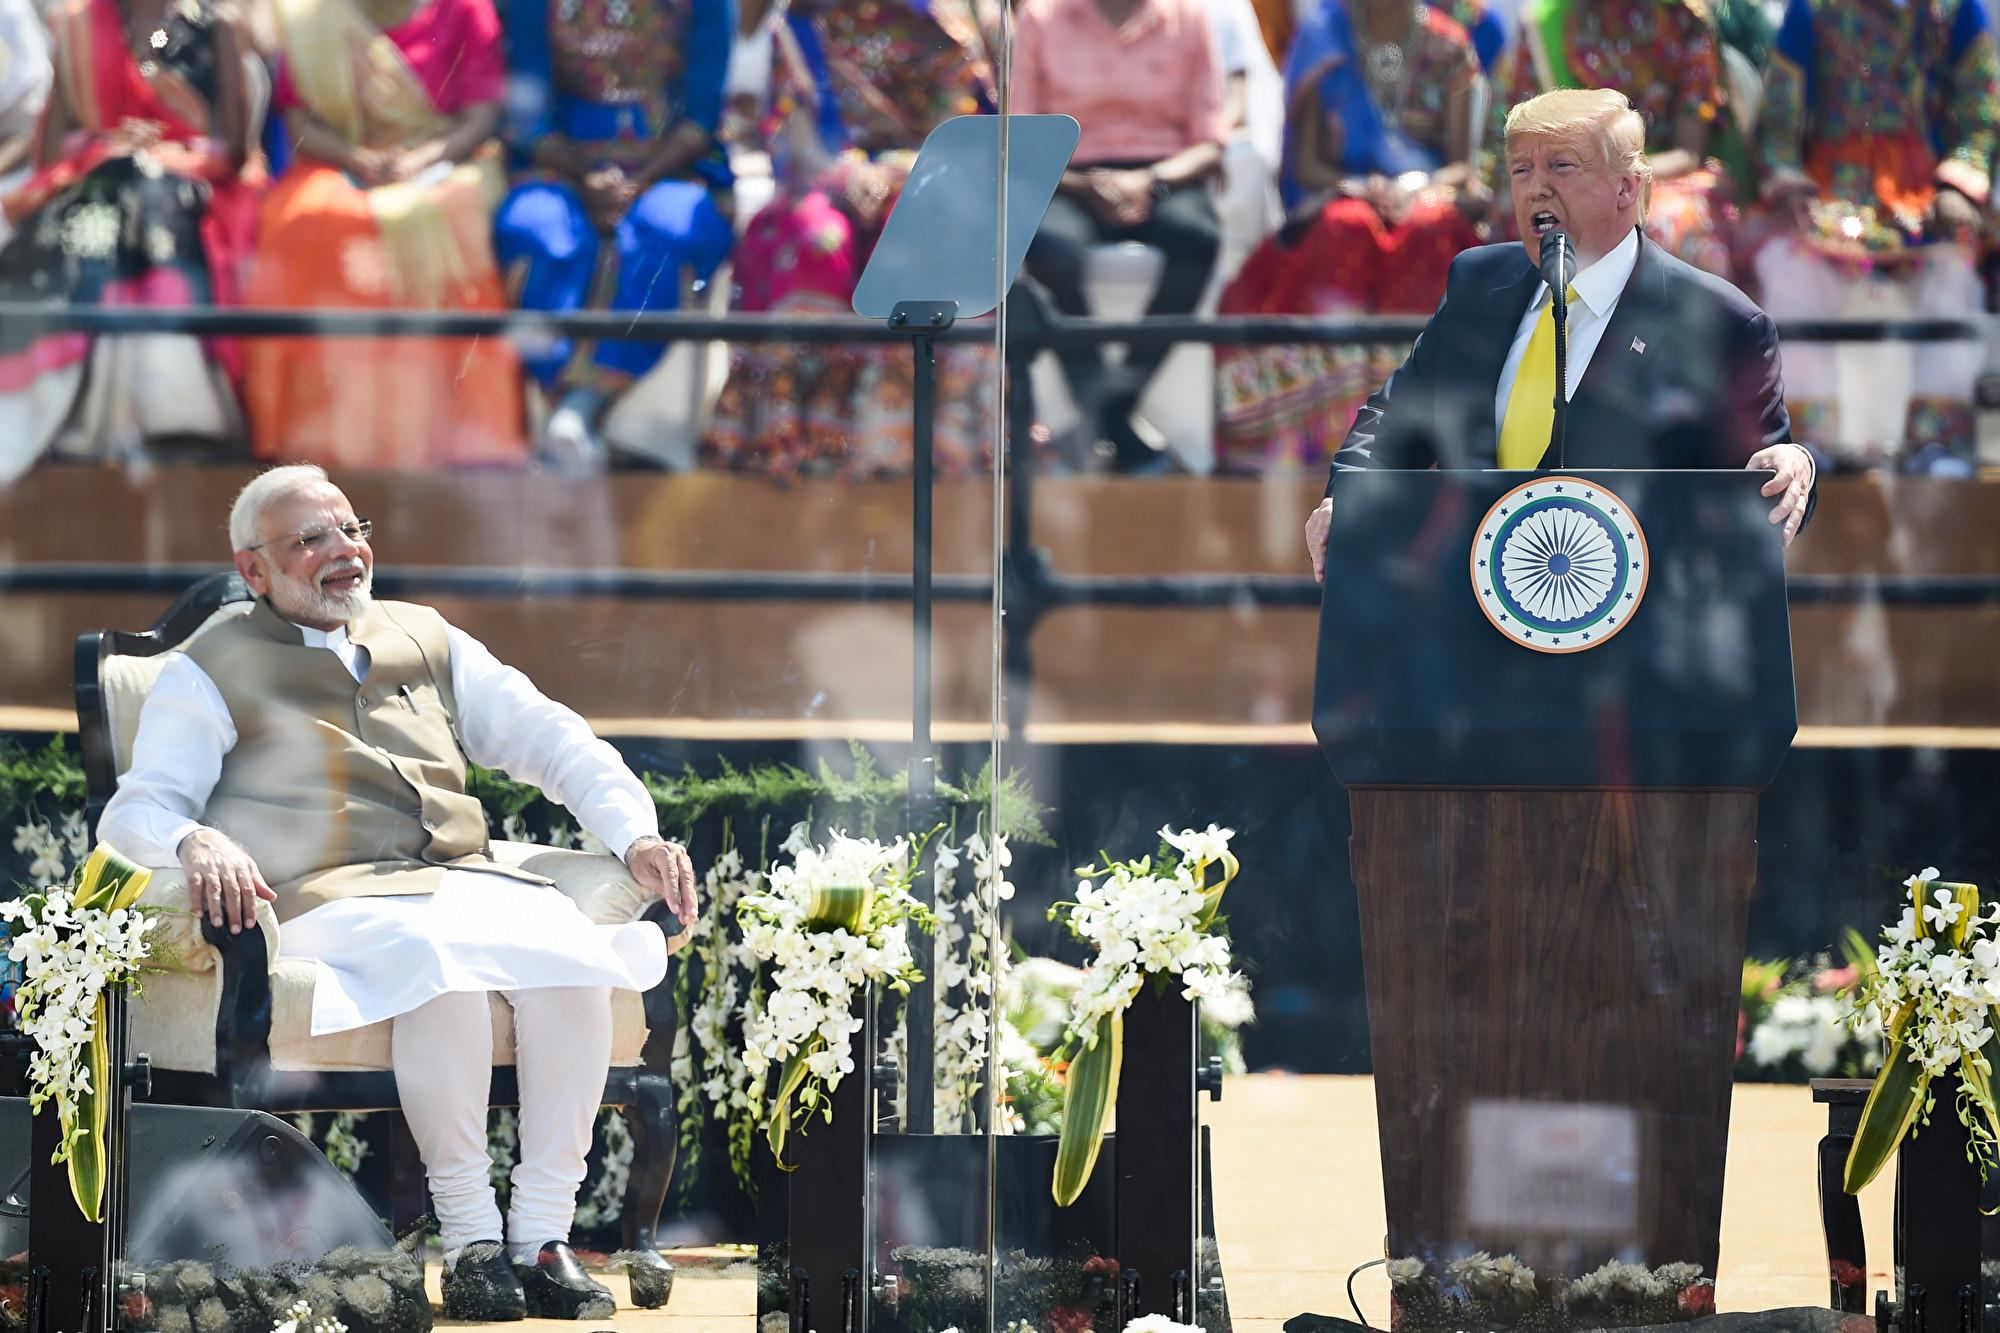 特朗普訪印 強調以脅迫崛起和民主崛起不同